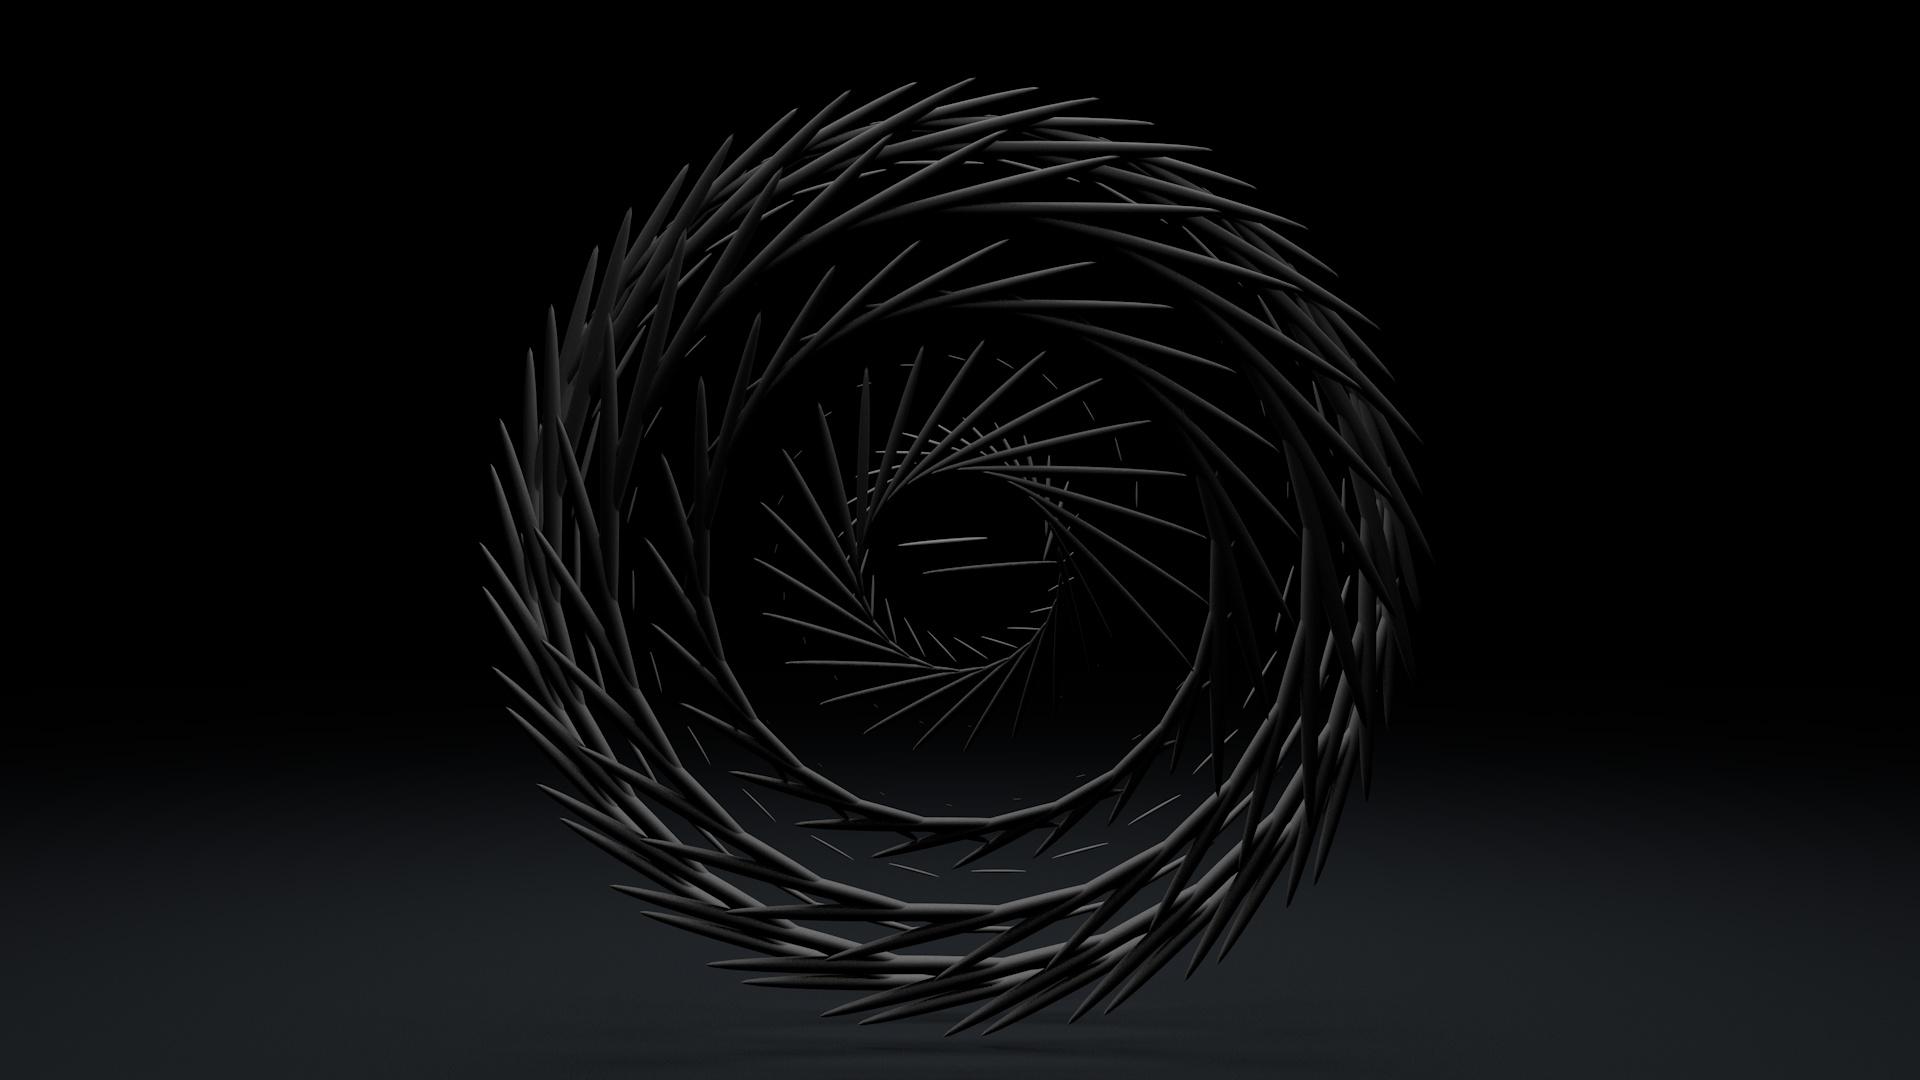 05 Spiky Spiral